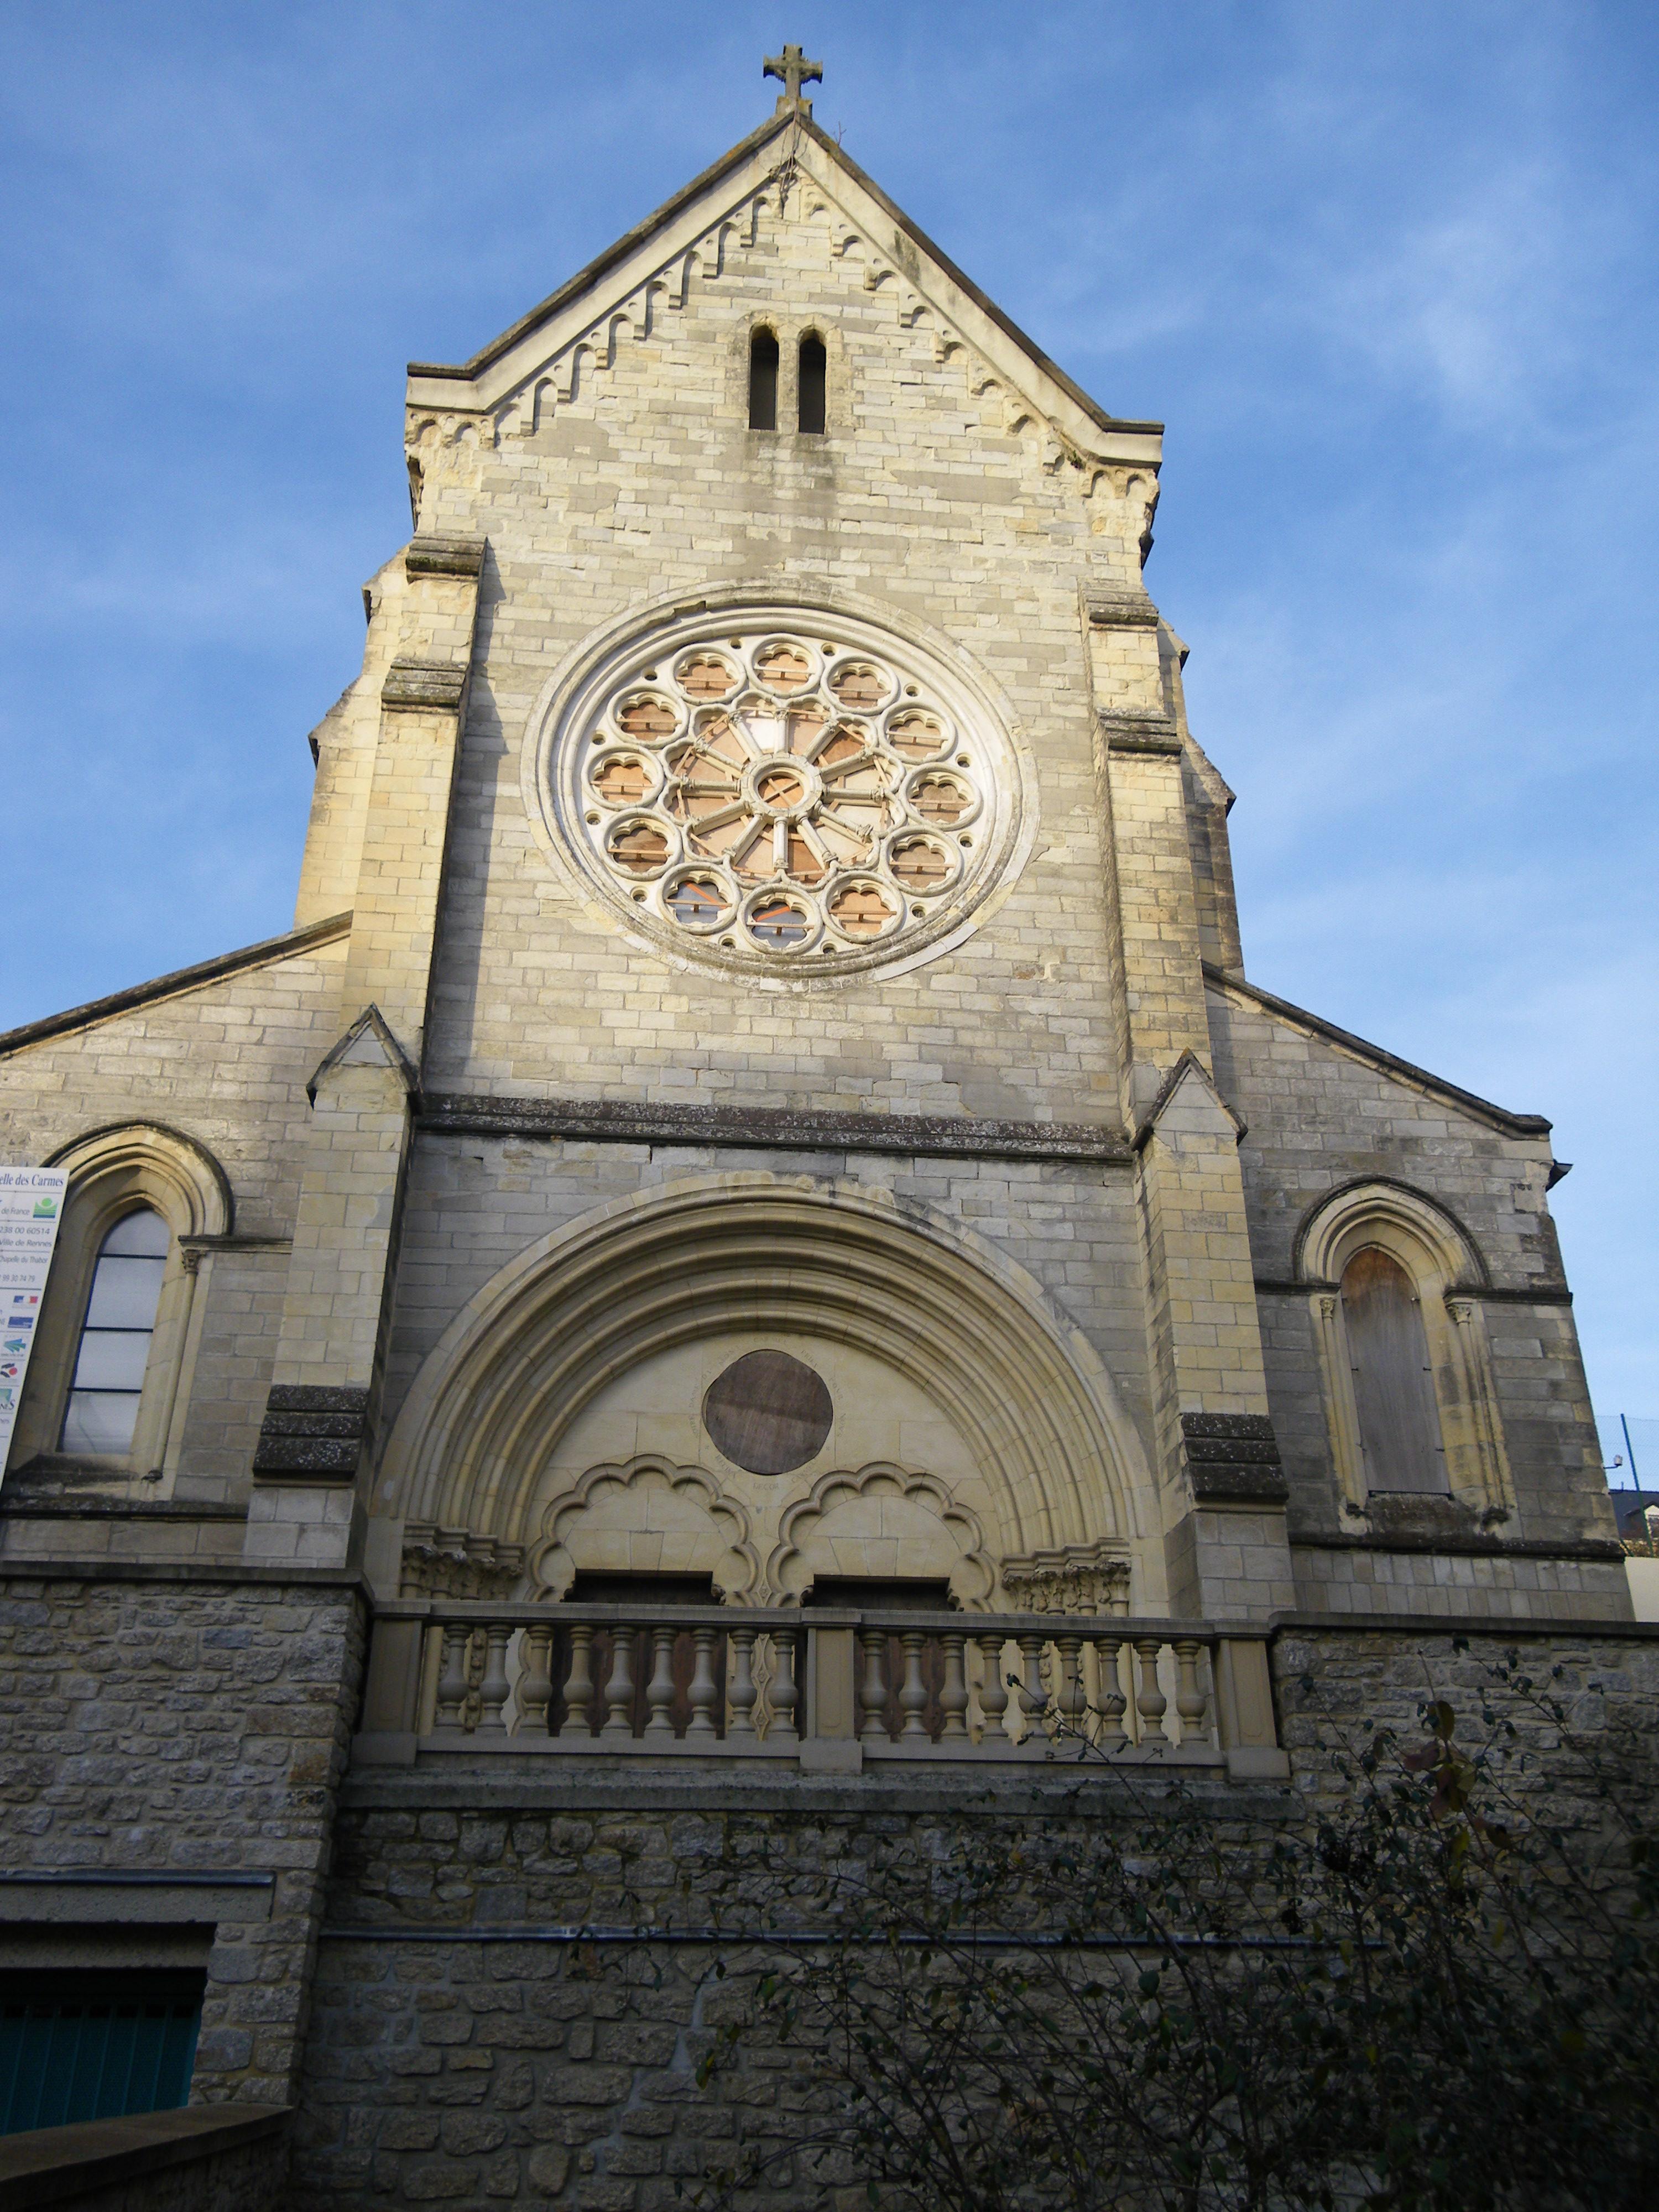 Rencontres Sexe En Charente-Maritime, Rencontre Coquine Et Libertine Pays De Loire